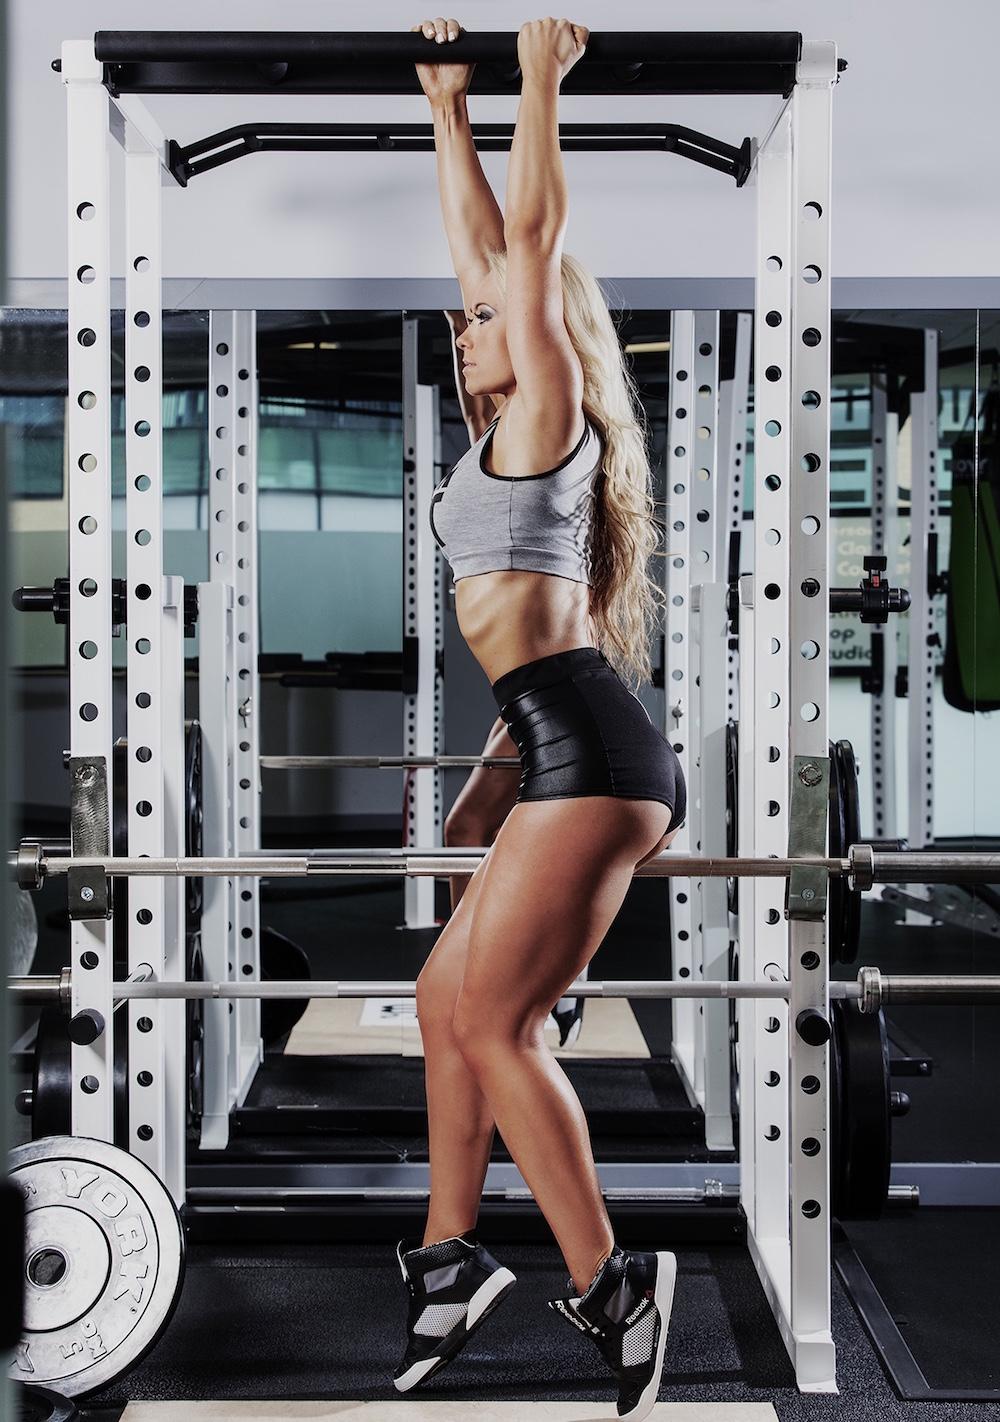 Fitness_model